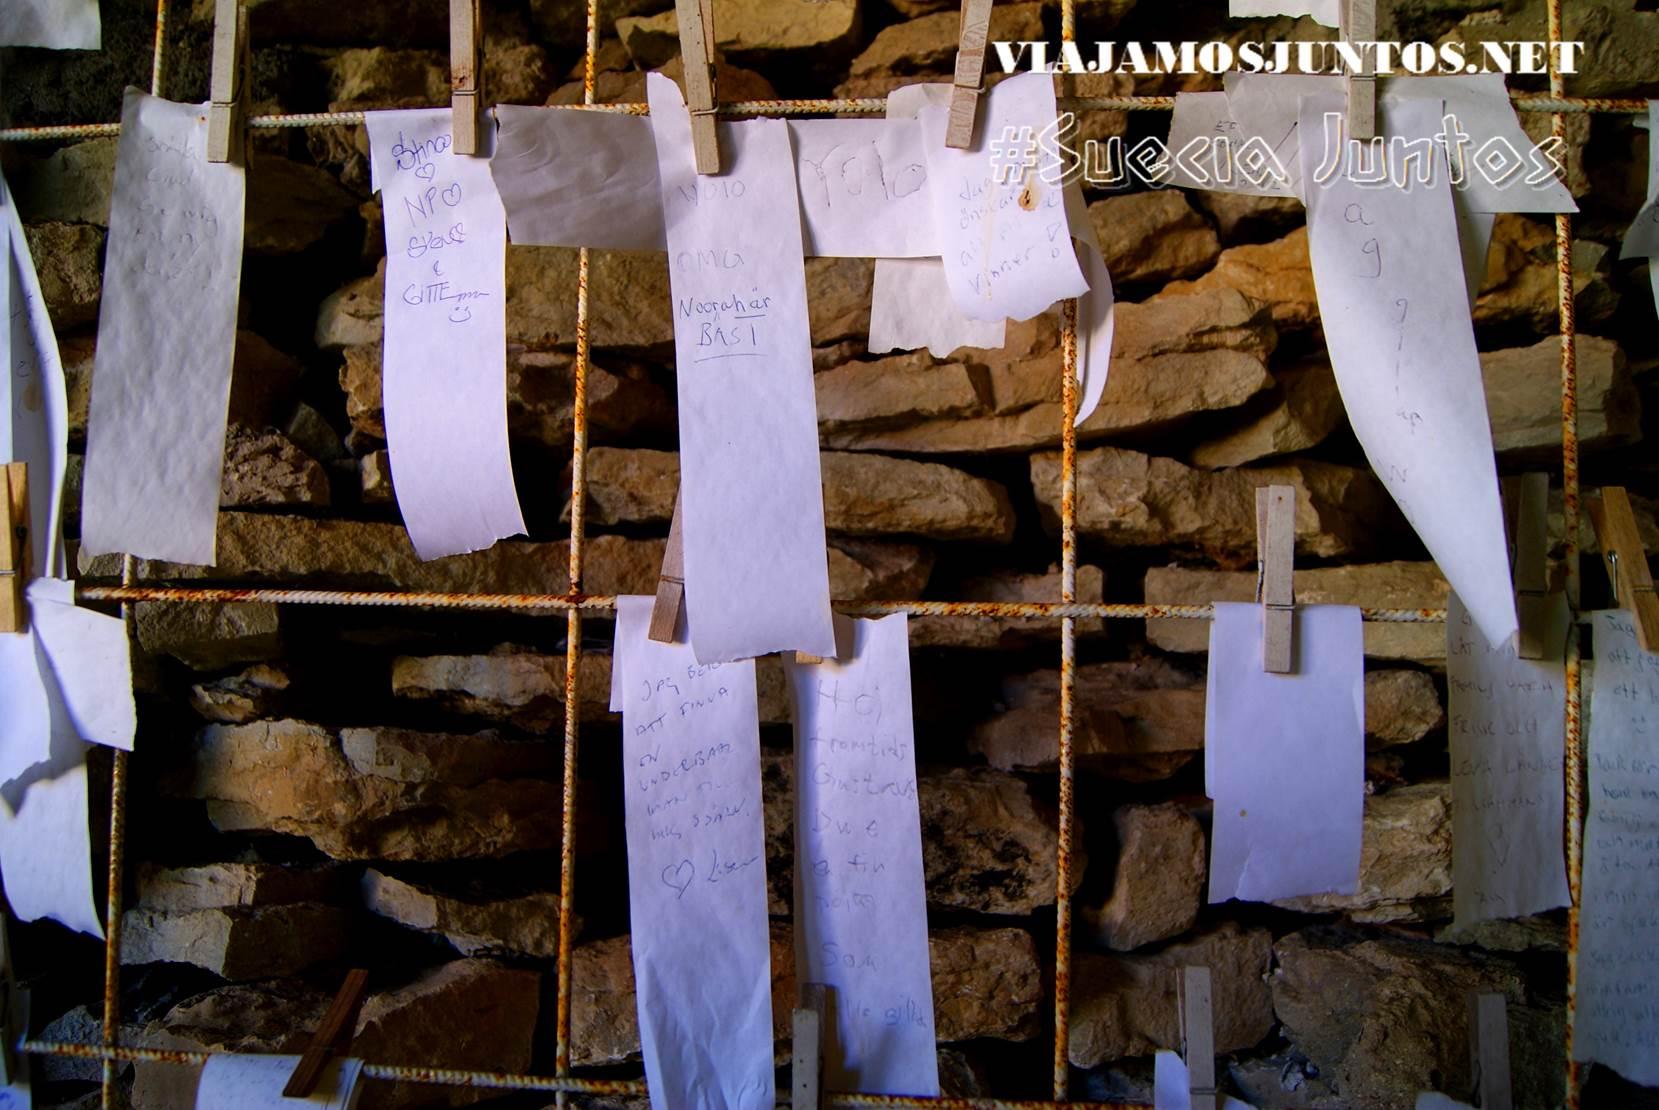 Los mensajes con los deseos secretos, isla de Gotland, Suecia